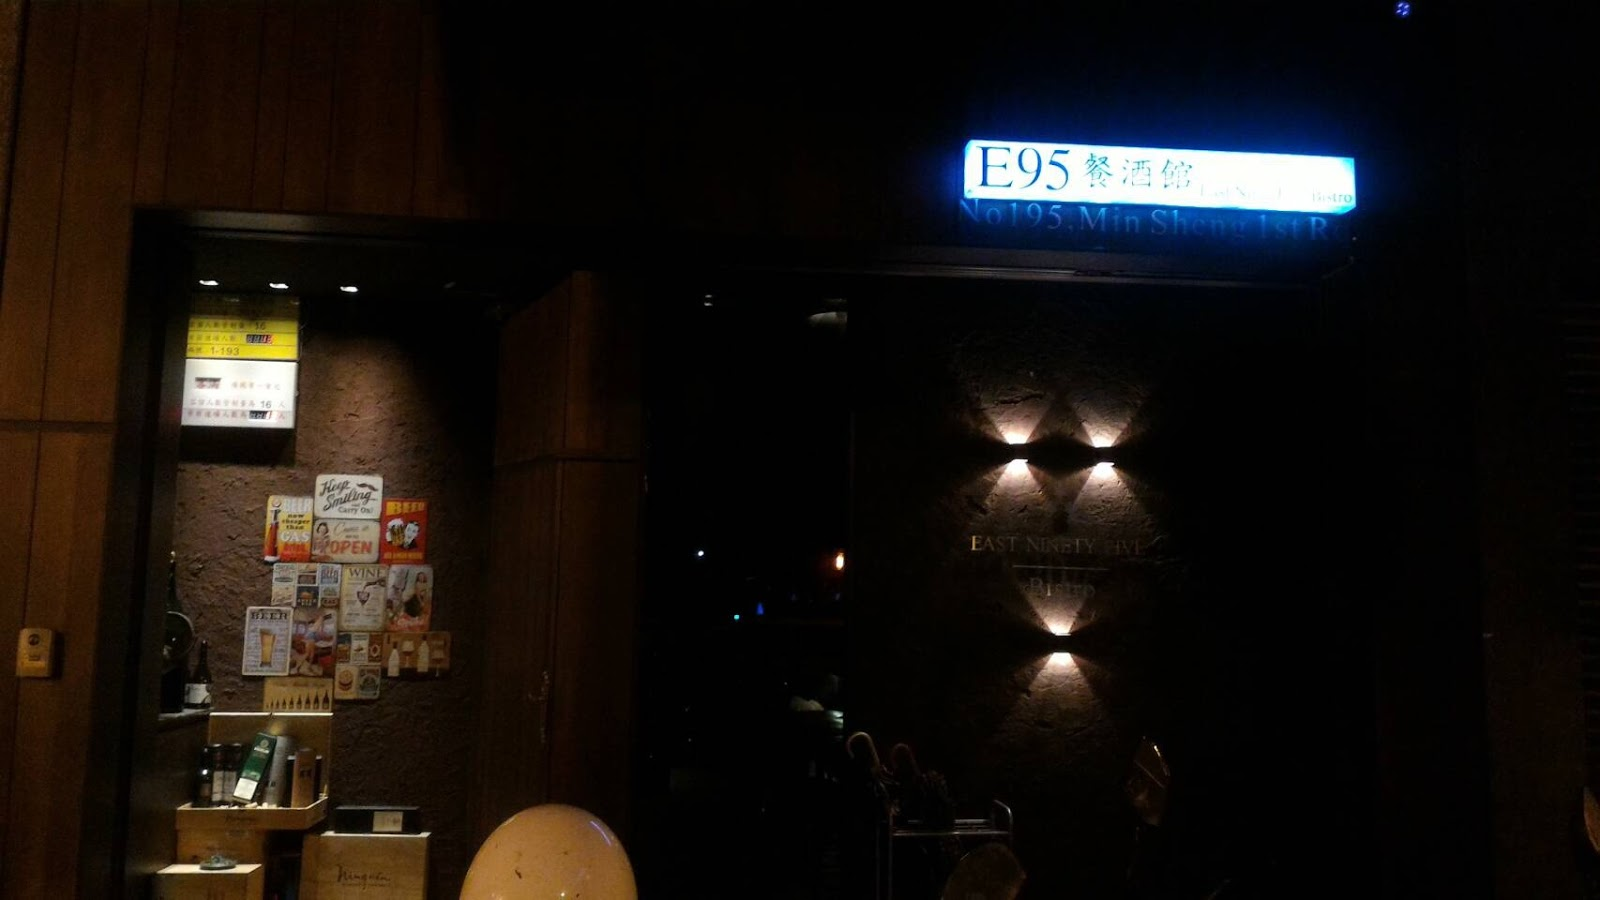 【高雄美食】E95餐酒館,低調又高雅的美食酒吧